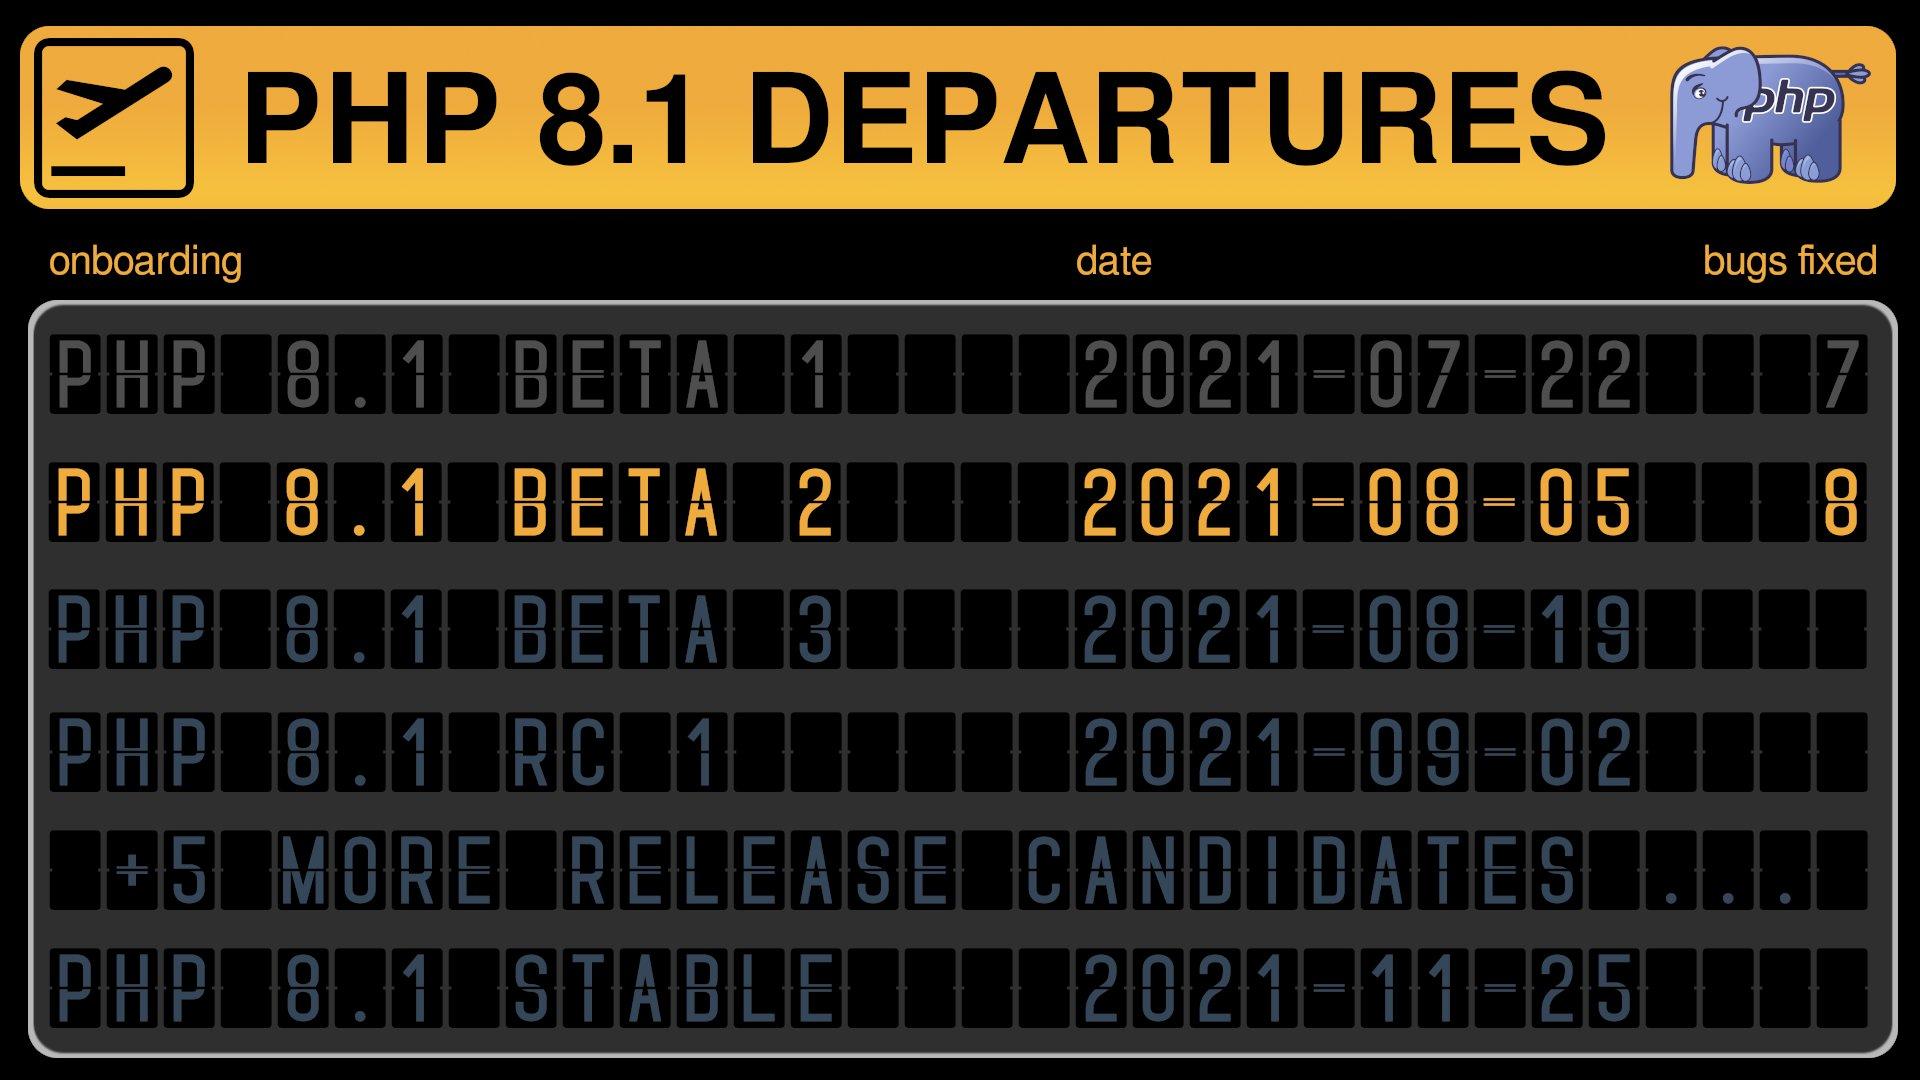 Peter Kokot의 PHP 8.1 departures 이미지